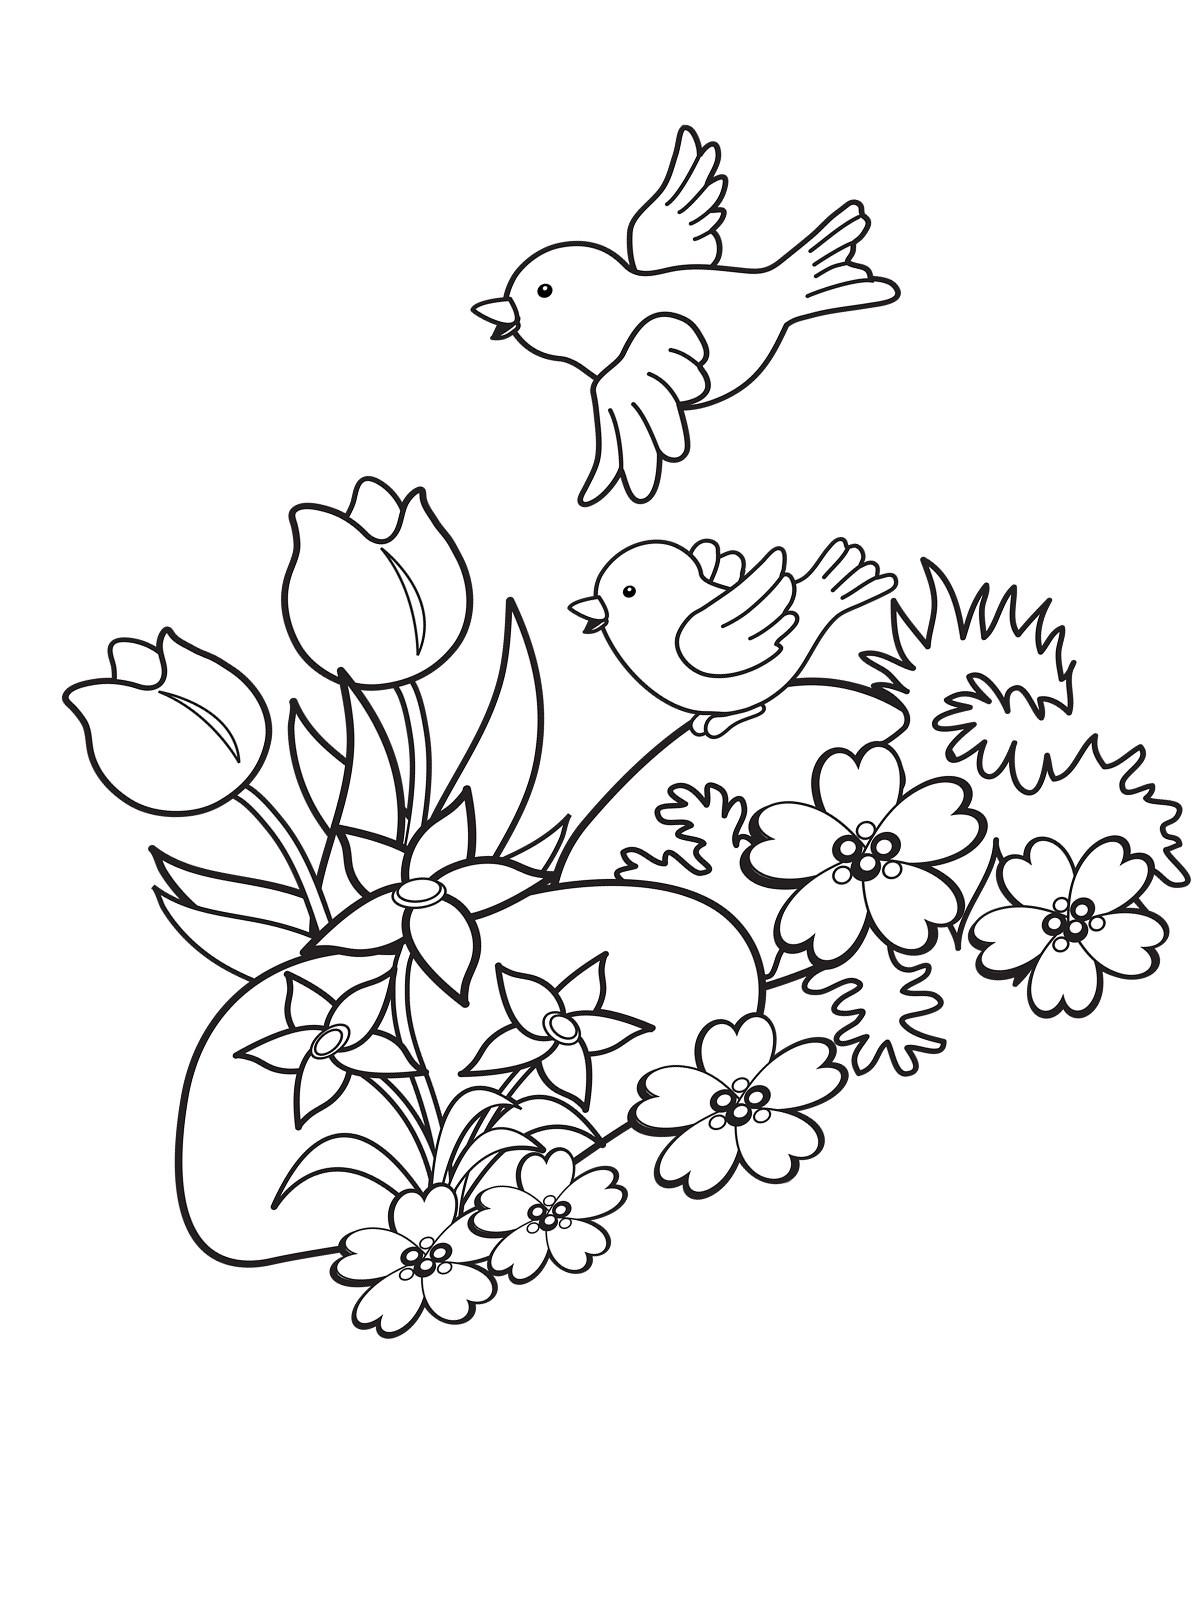 Frühling Malvorlagen  Ausmalbilder Malvorlagen von Frühling kostenlos zum